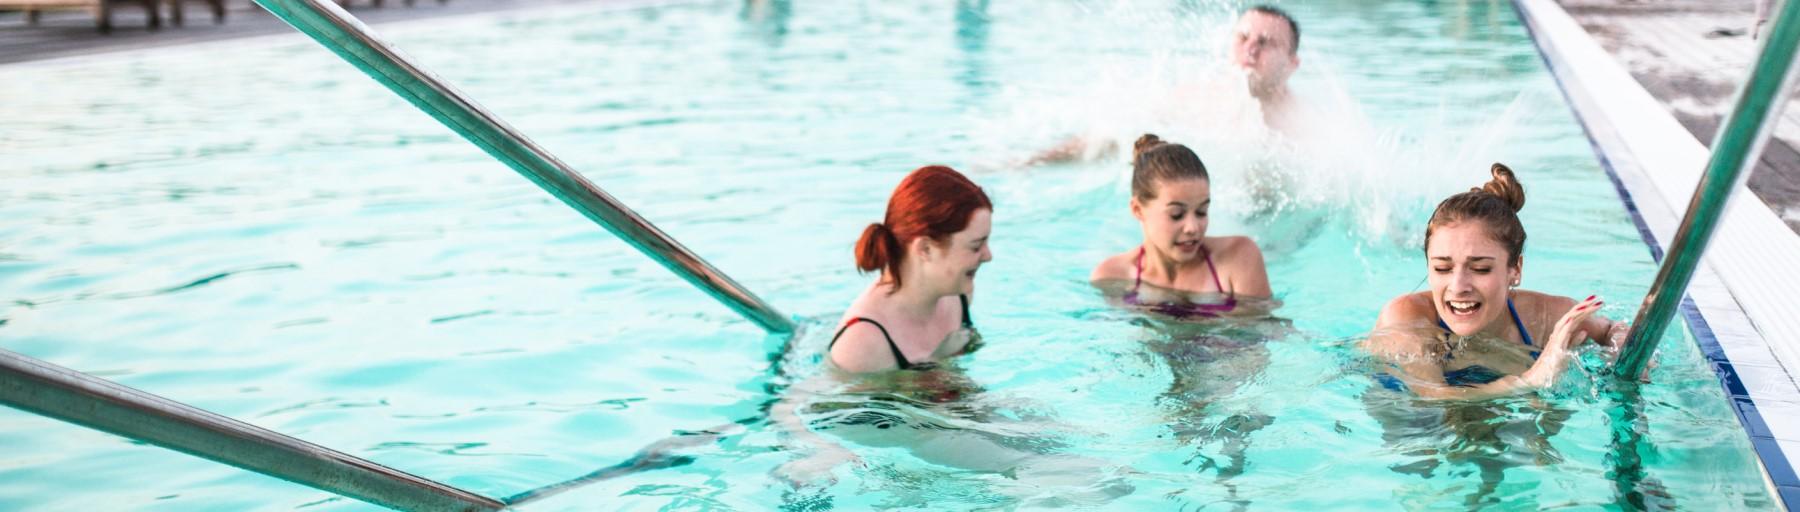 Sicher trotz Massenansturm: Sicherheitsdienst für Schwimmbäder und Badeseen